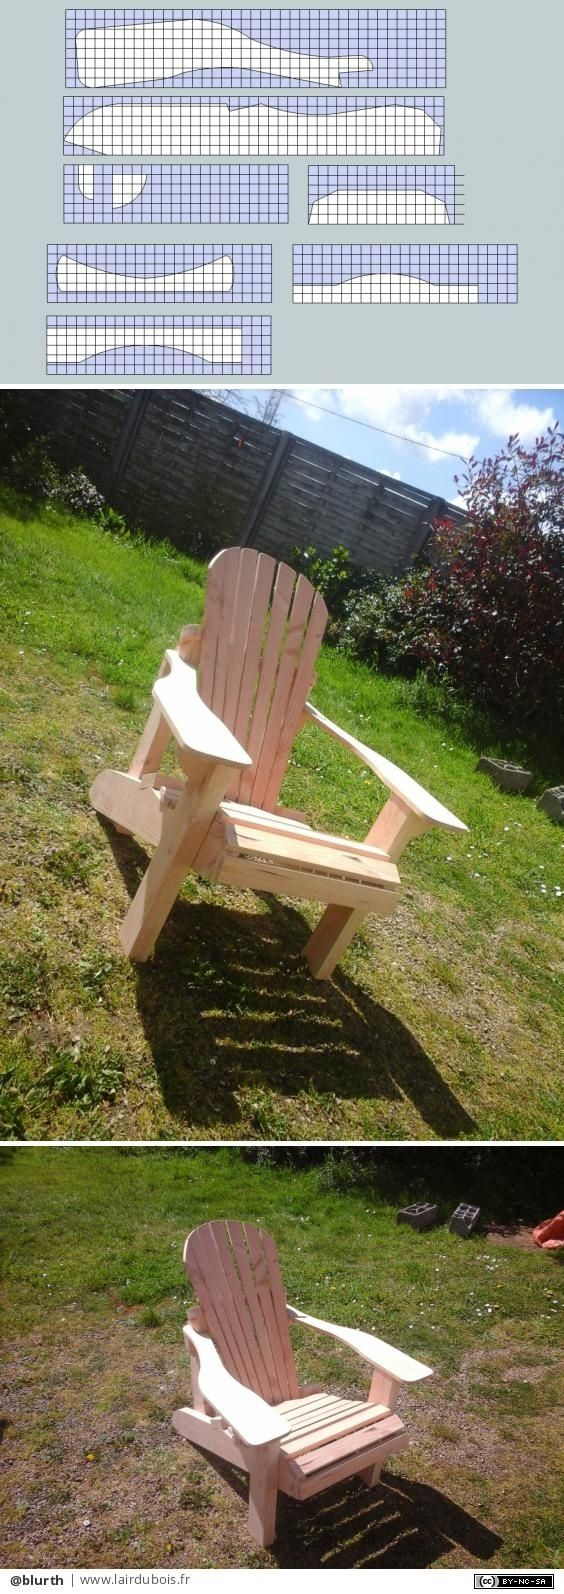 Coussin Pour Fauteuil Adirondack fauteuil adirondack par atelier du bois vert | fauteuil